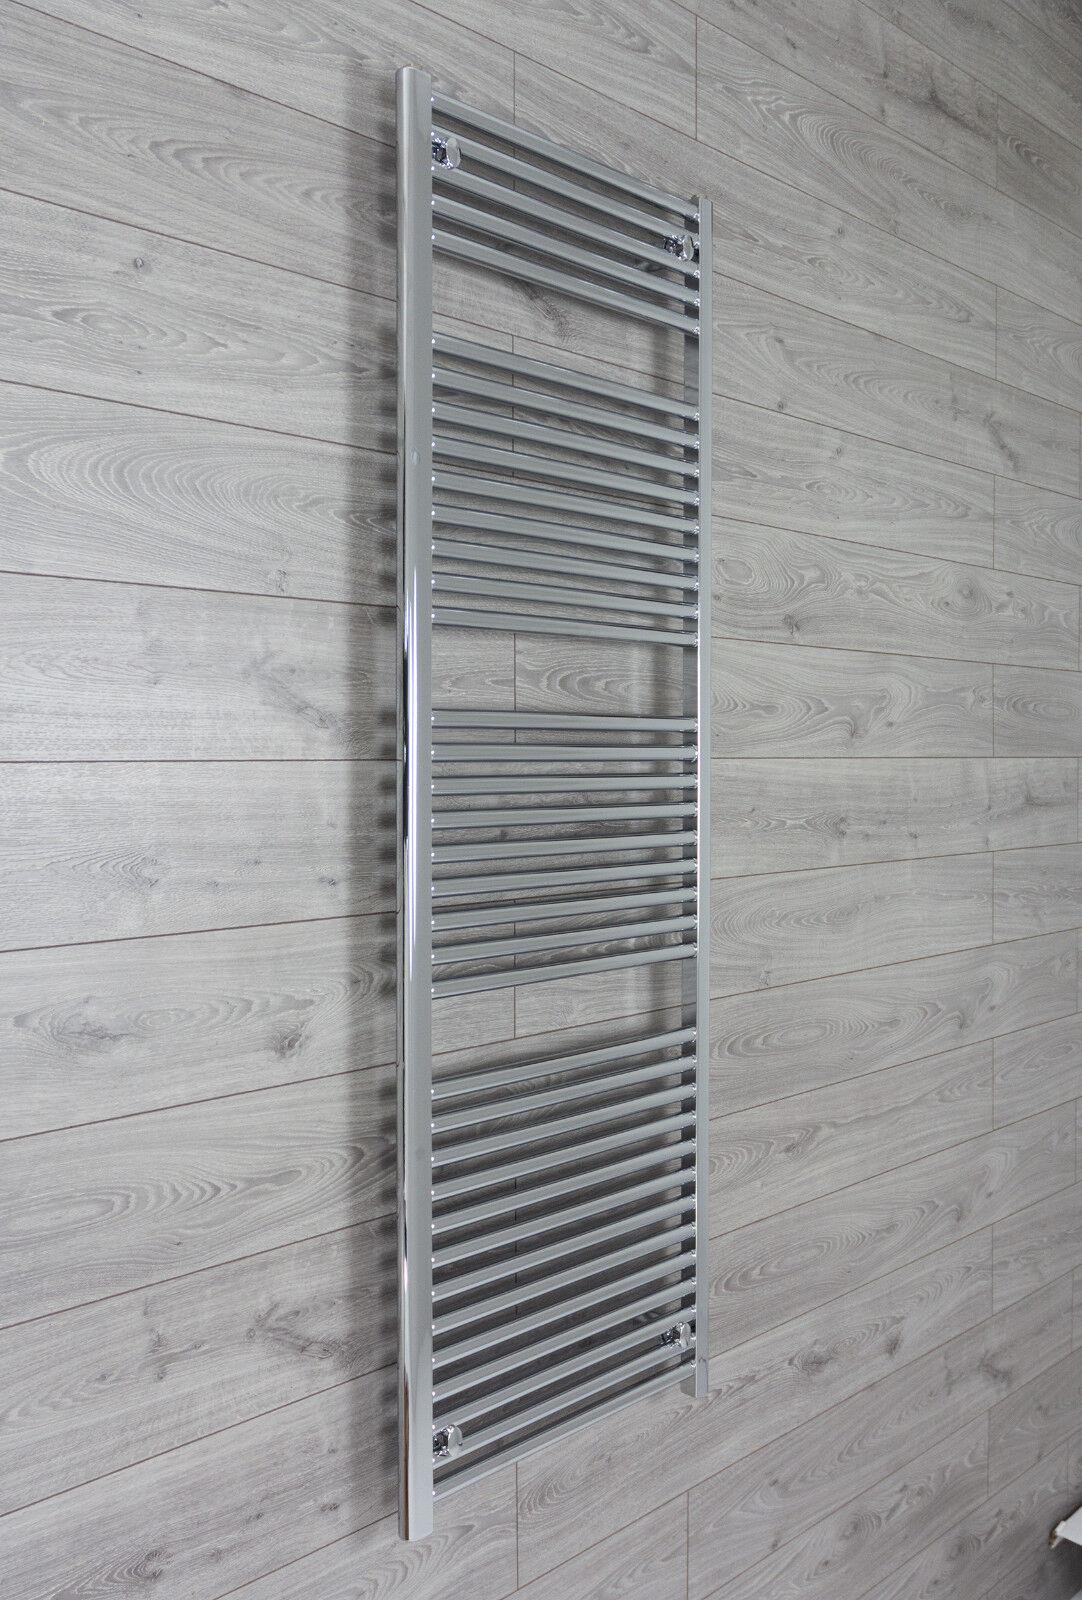 Cromo Toallero Rad Radiador de calefacción central de baño 500mm (W) x 1744mm (H)